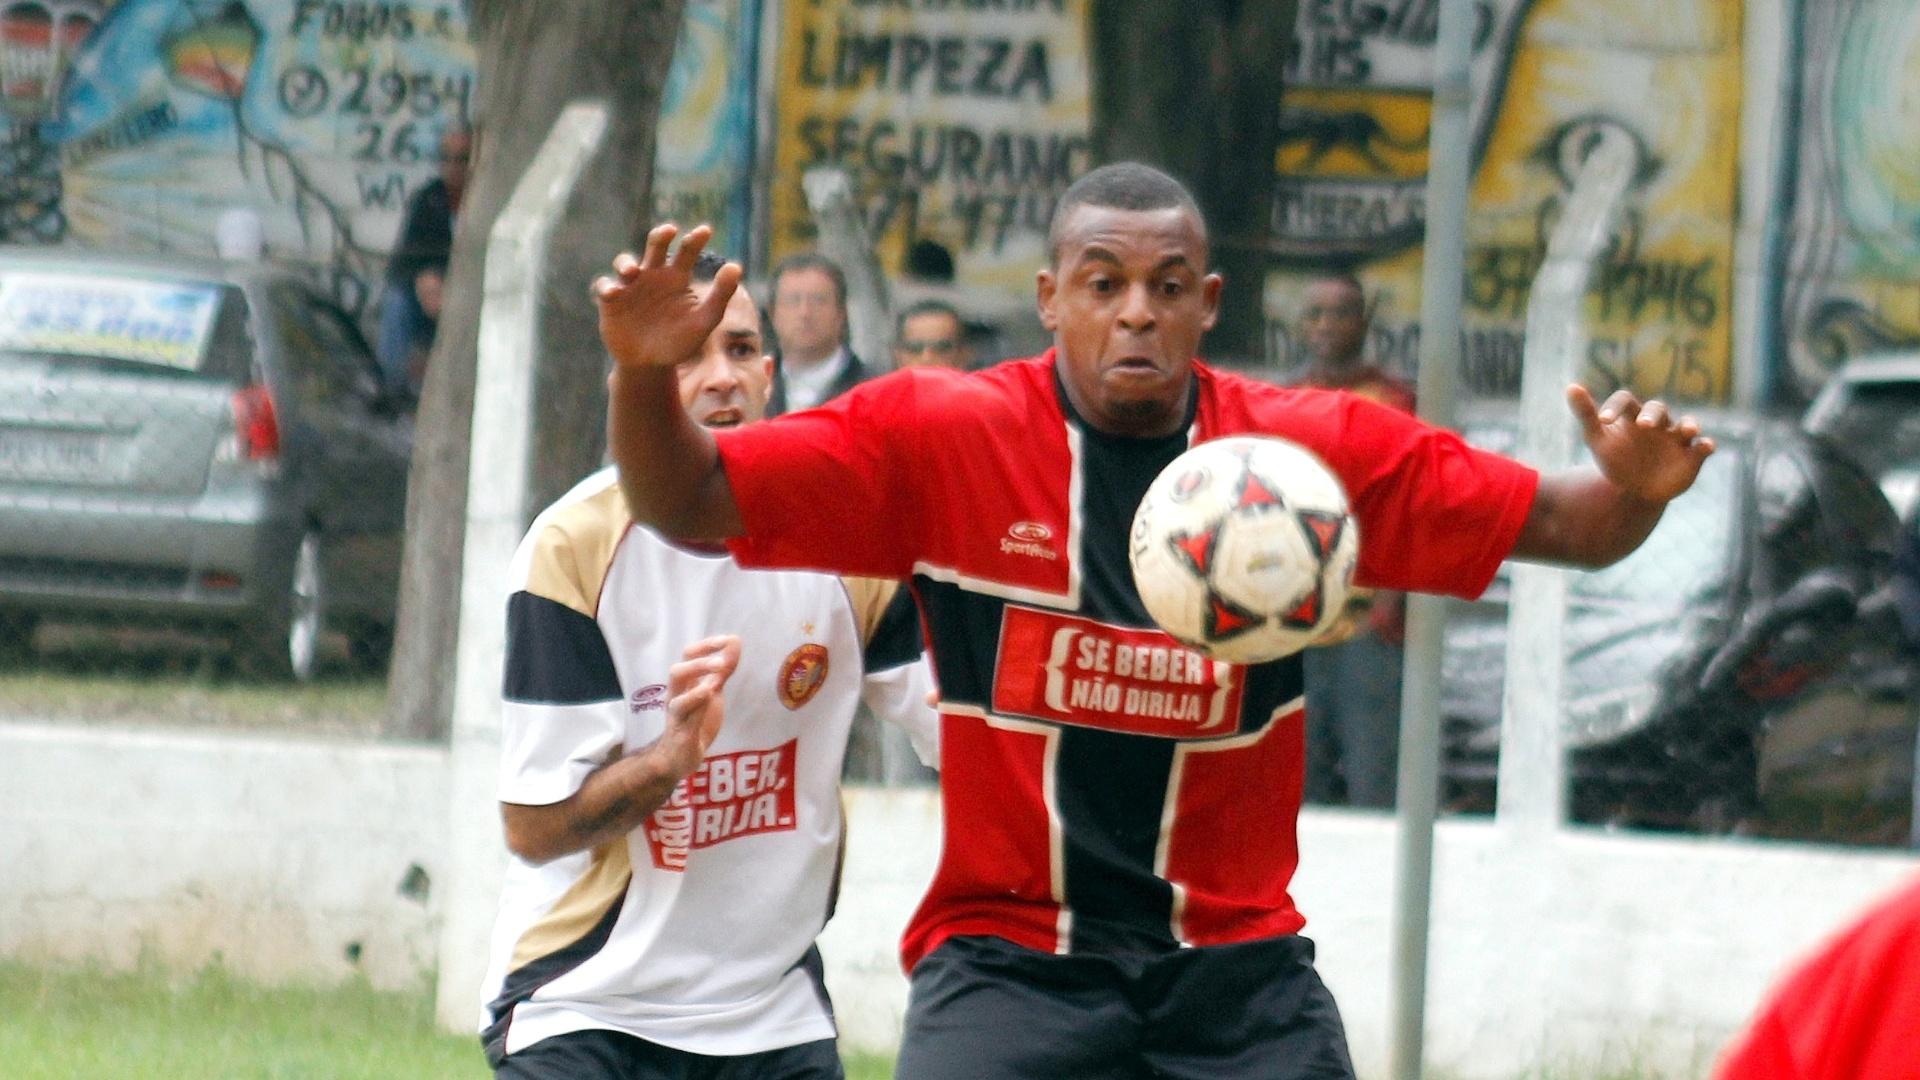 Partida entre Juventus (branco) e Jaçanã (vermelho) terminou empatada em 0 a 0